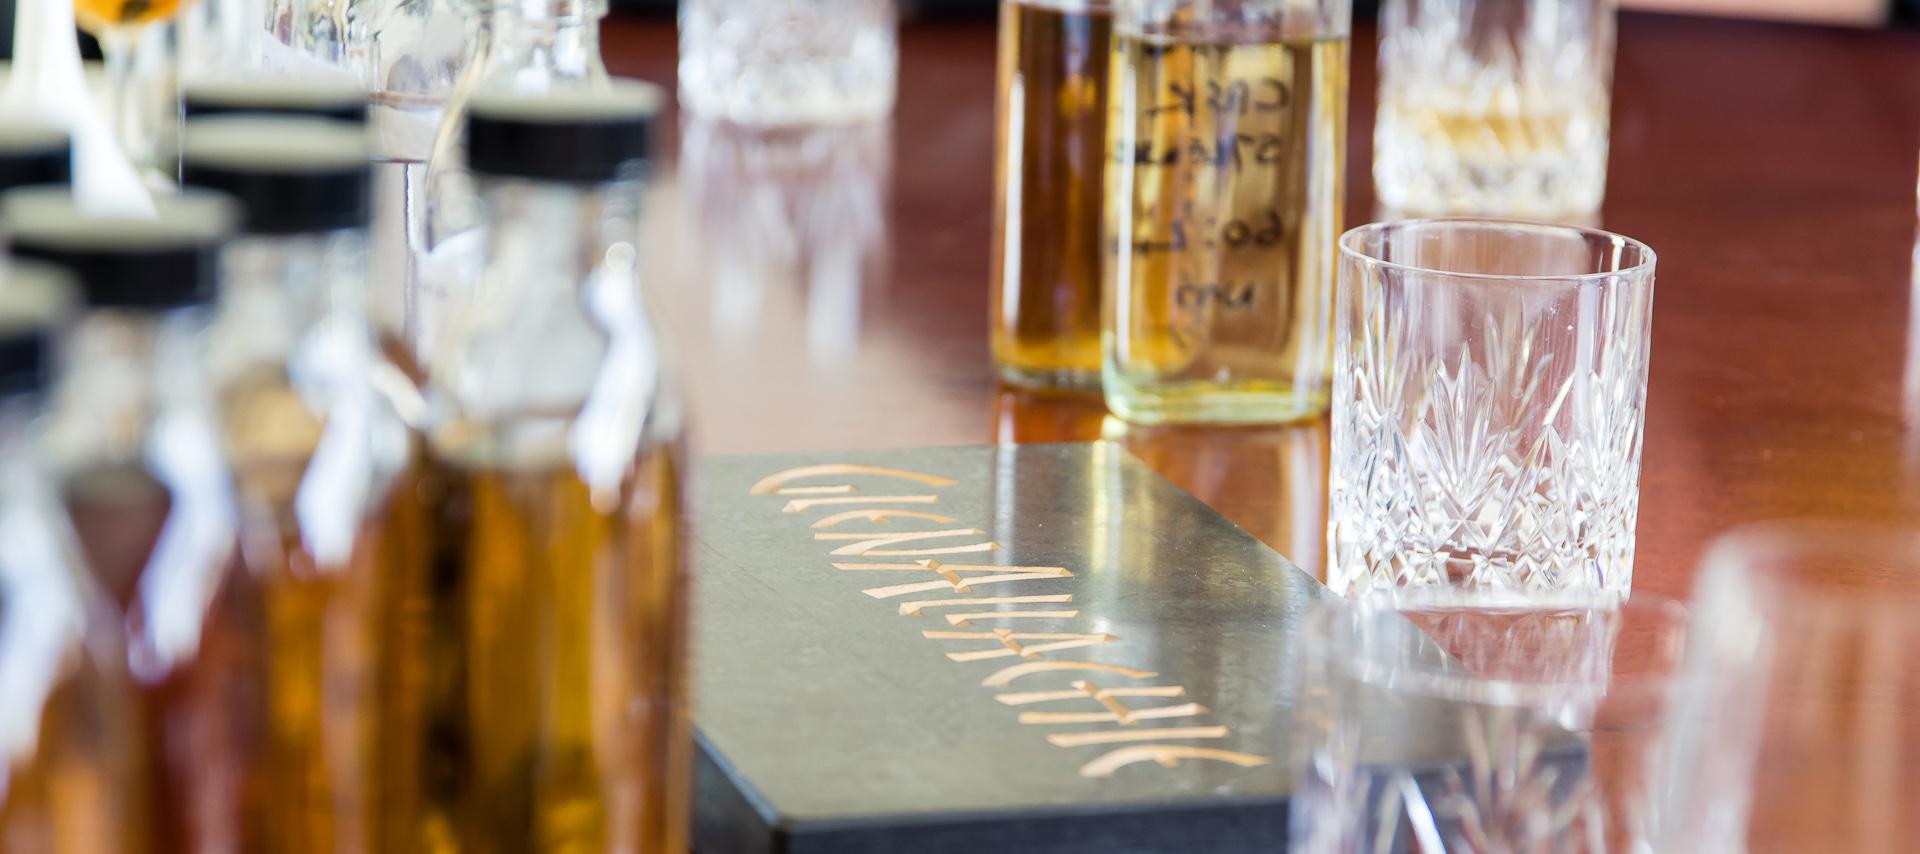 Nahaufnahme Steinblock mit GlenAllachie Aufschrift, Probeflaschen und Gläser